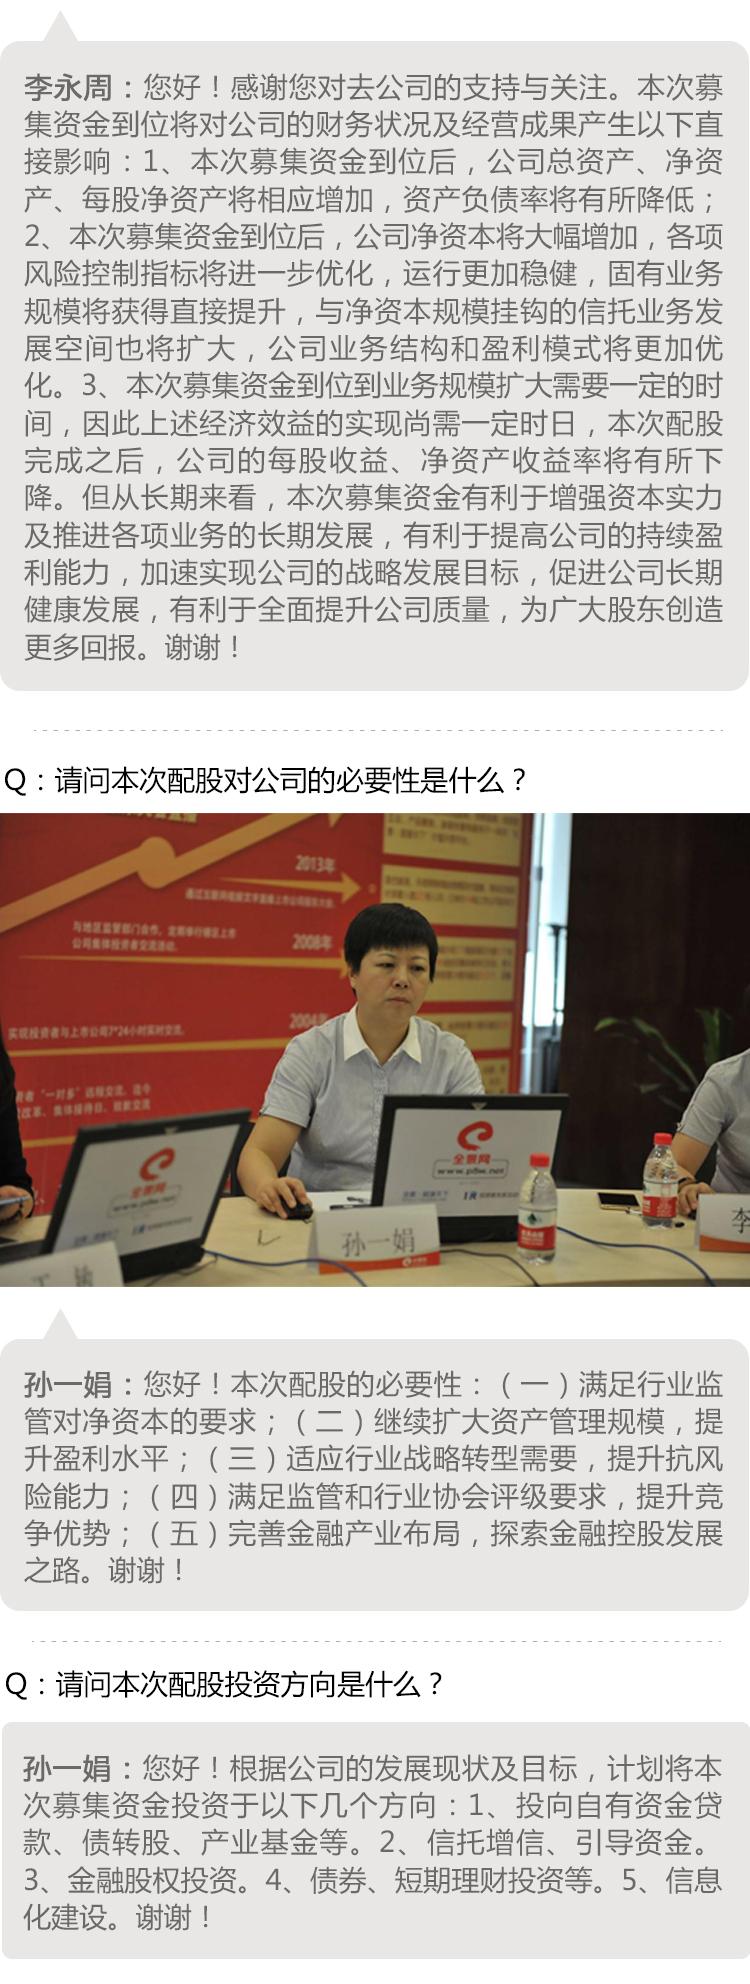 陕西省国际信托股份有限公司-路演_ (8).jpg